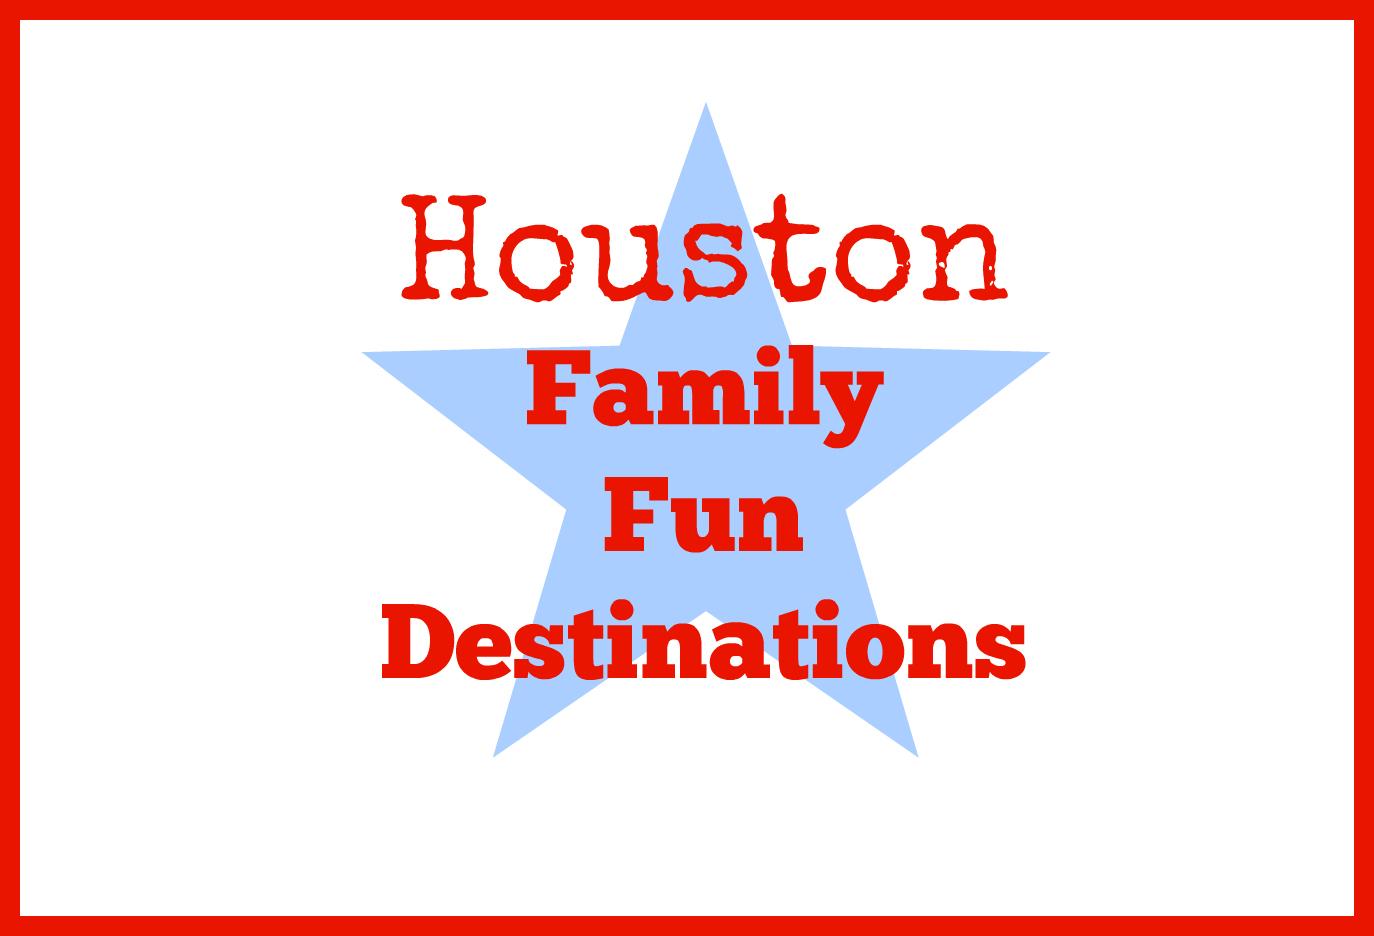 Houston family fun destinations